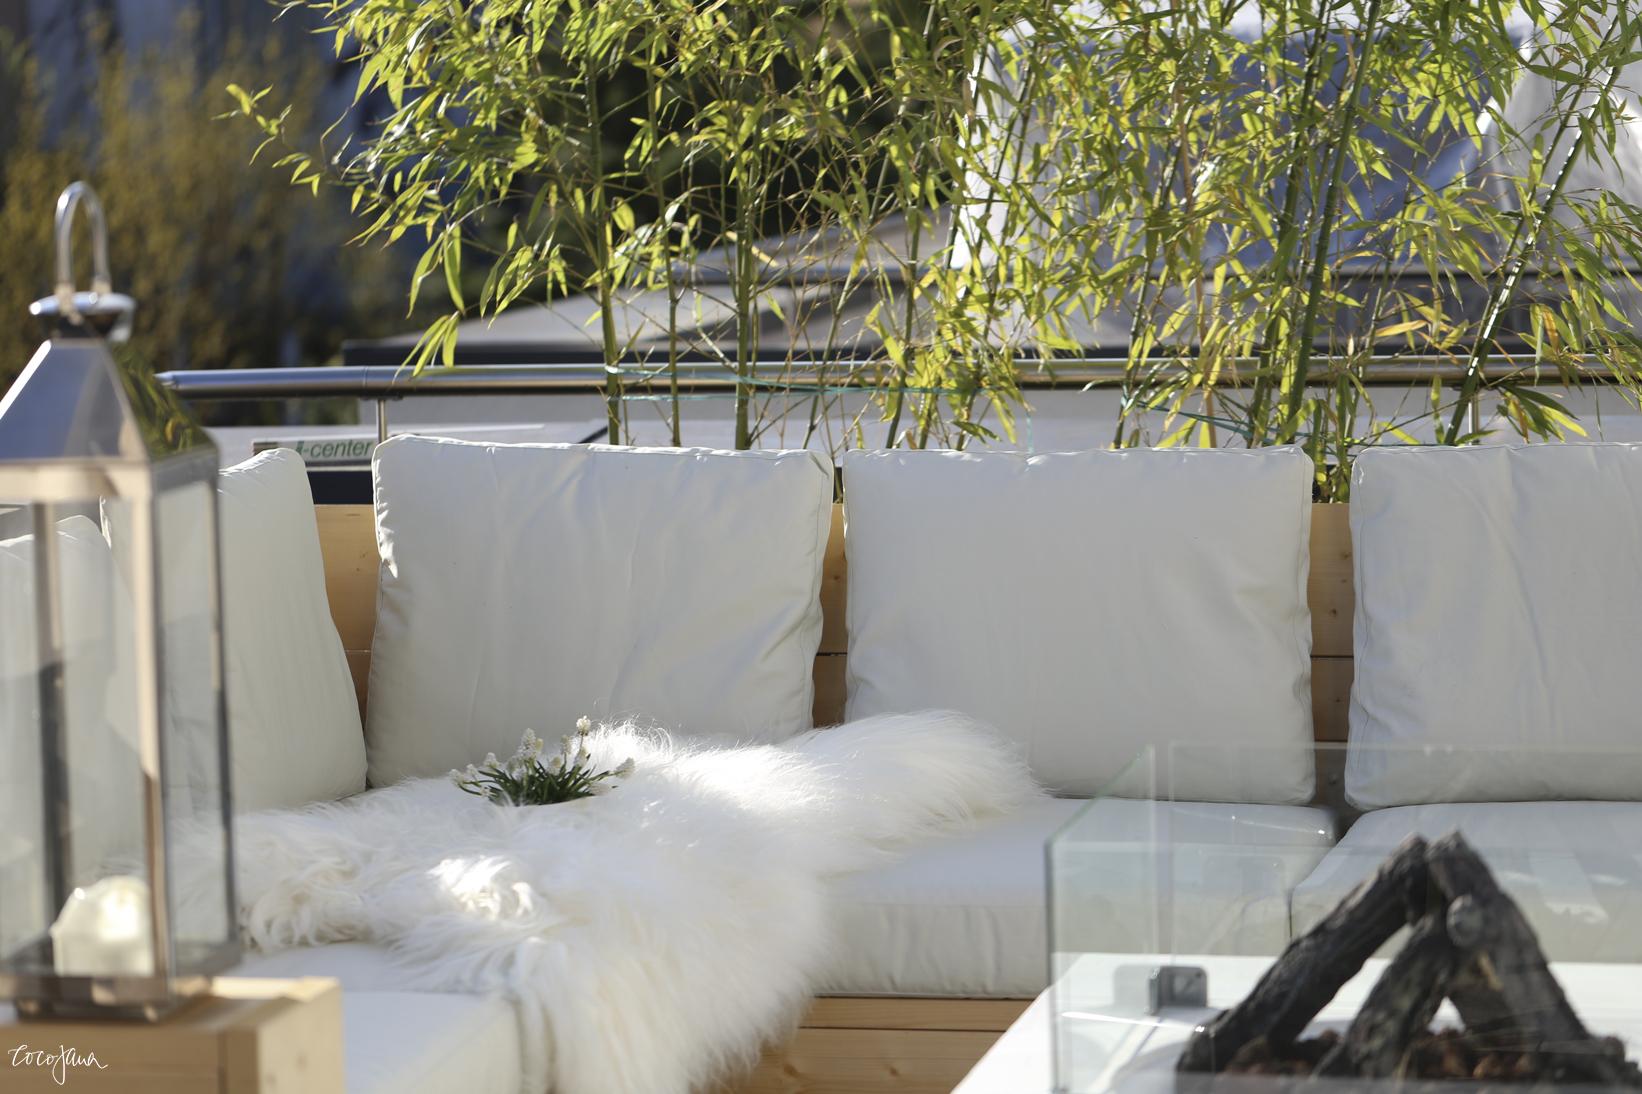 Full Size of Terrasse Lounge Selber Bauen Diy Loungembel Planungswelten Garten Loungemöbel Holz Boxspring Bett Neue Fenster Einbauen Möbel Bodengleiche Dusche Wohnzimmer Terrasse Lounge Selber Bauen